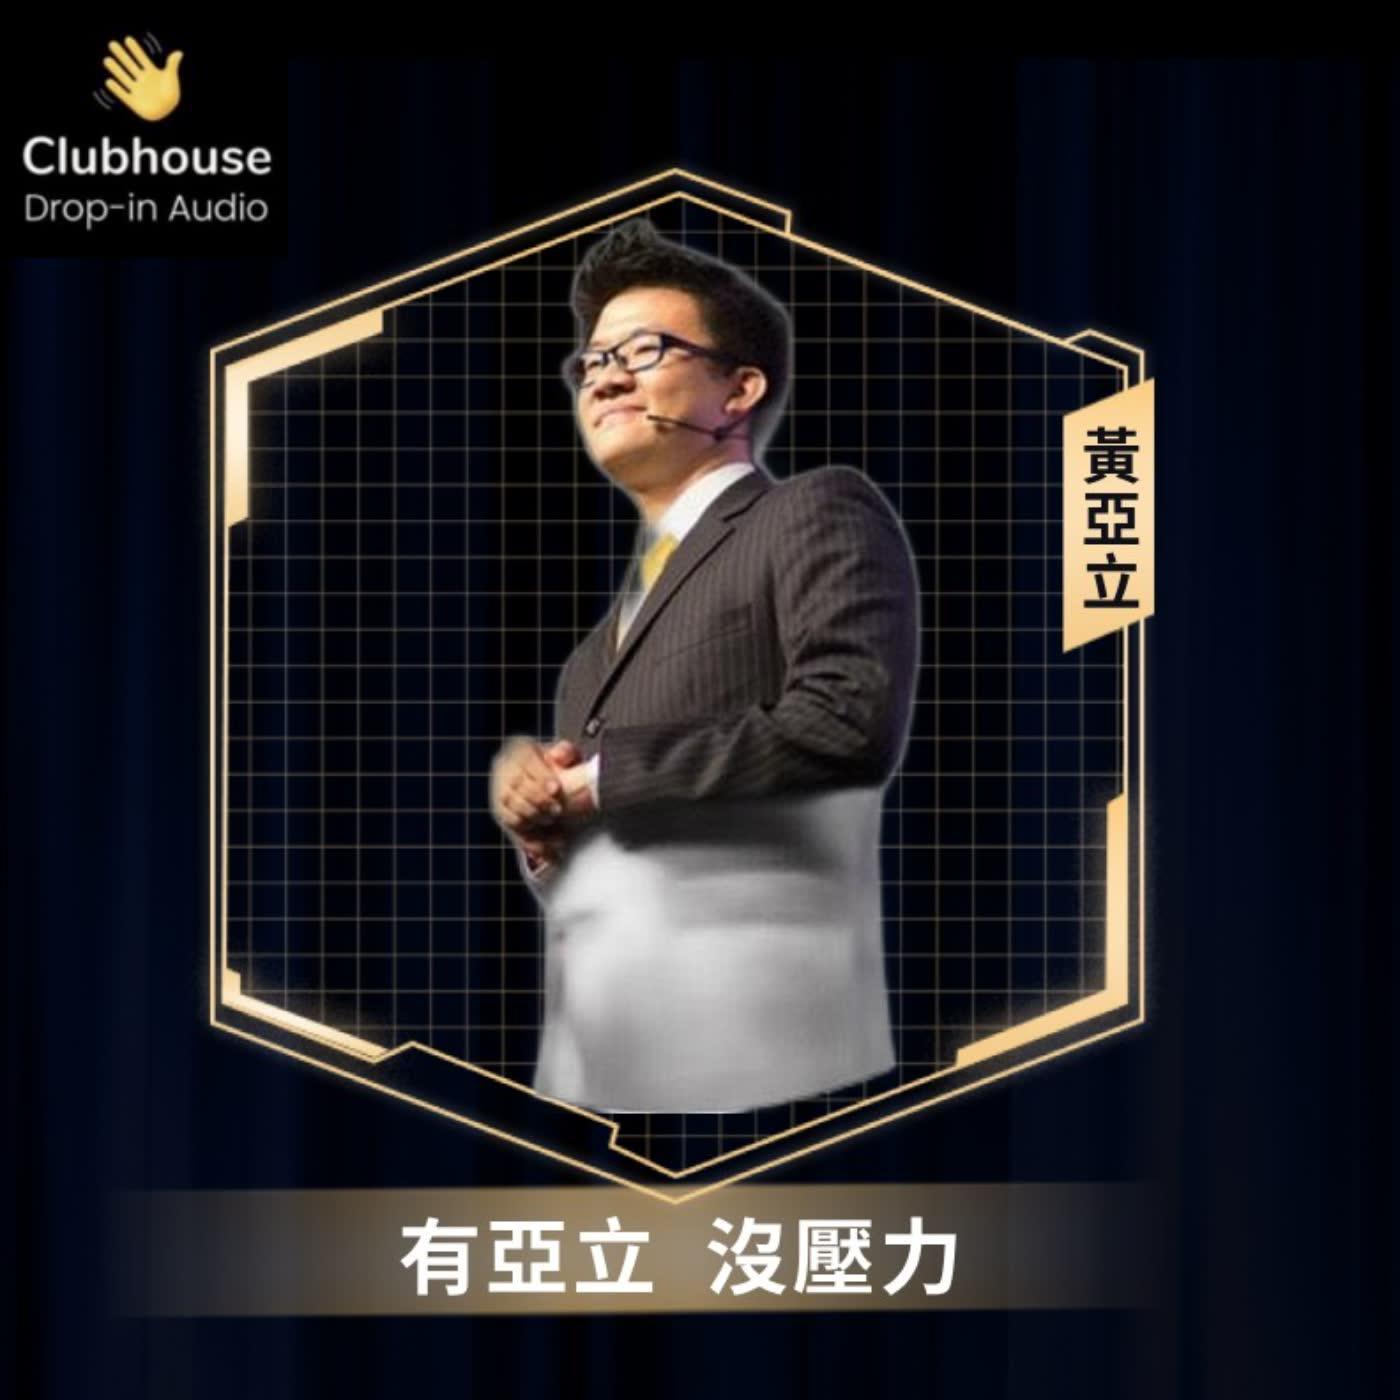 ClubHouse 村民大會華語同步口譯 by Joseph 亞立 有亞立沒壓力